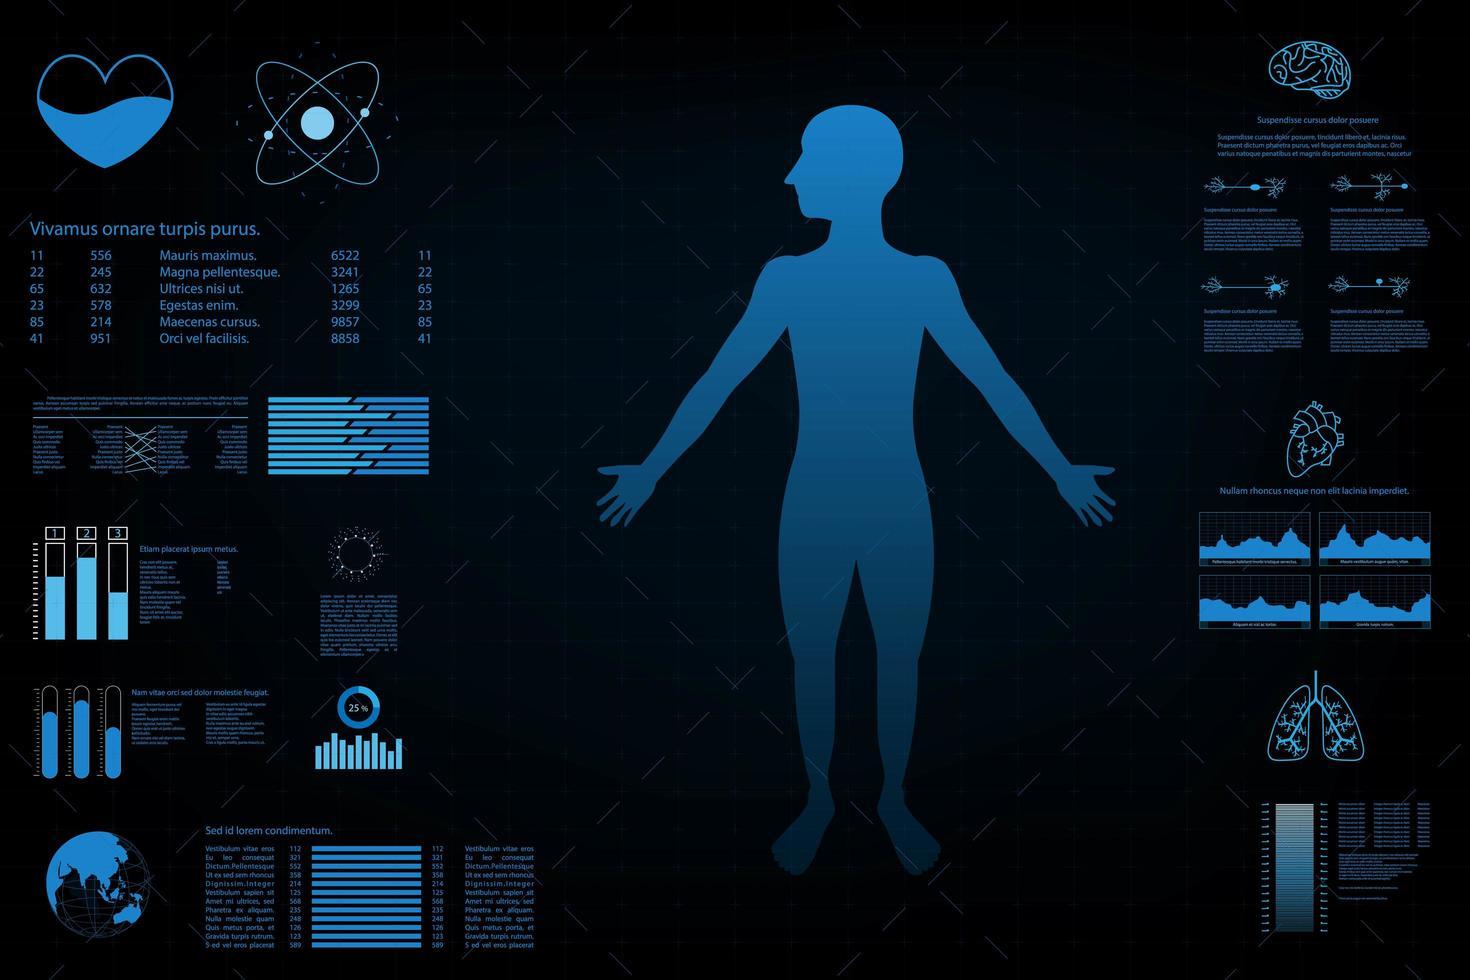 tableau de bord de données avec graphique et panneaux vecteur